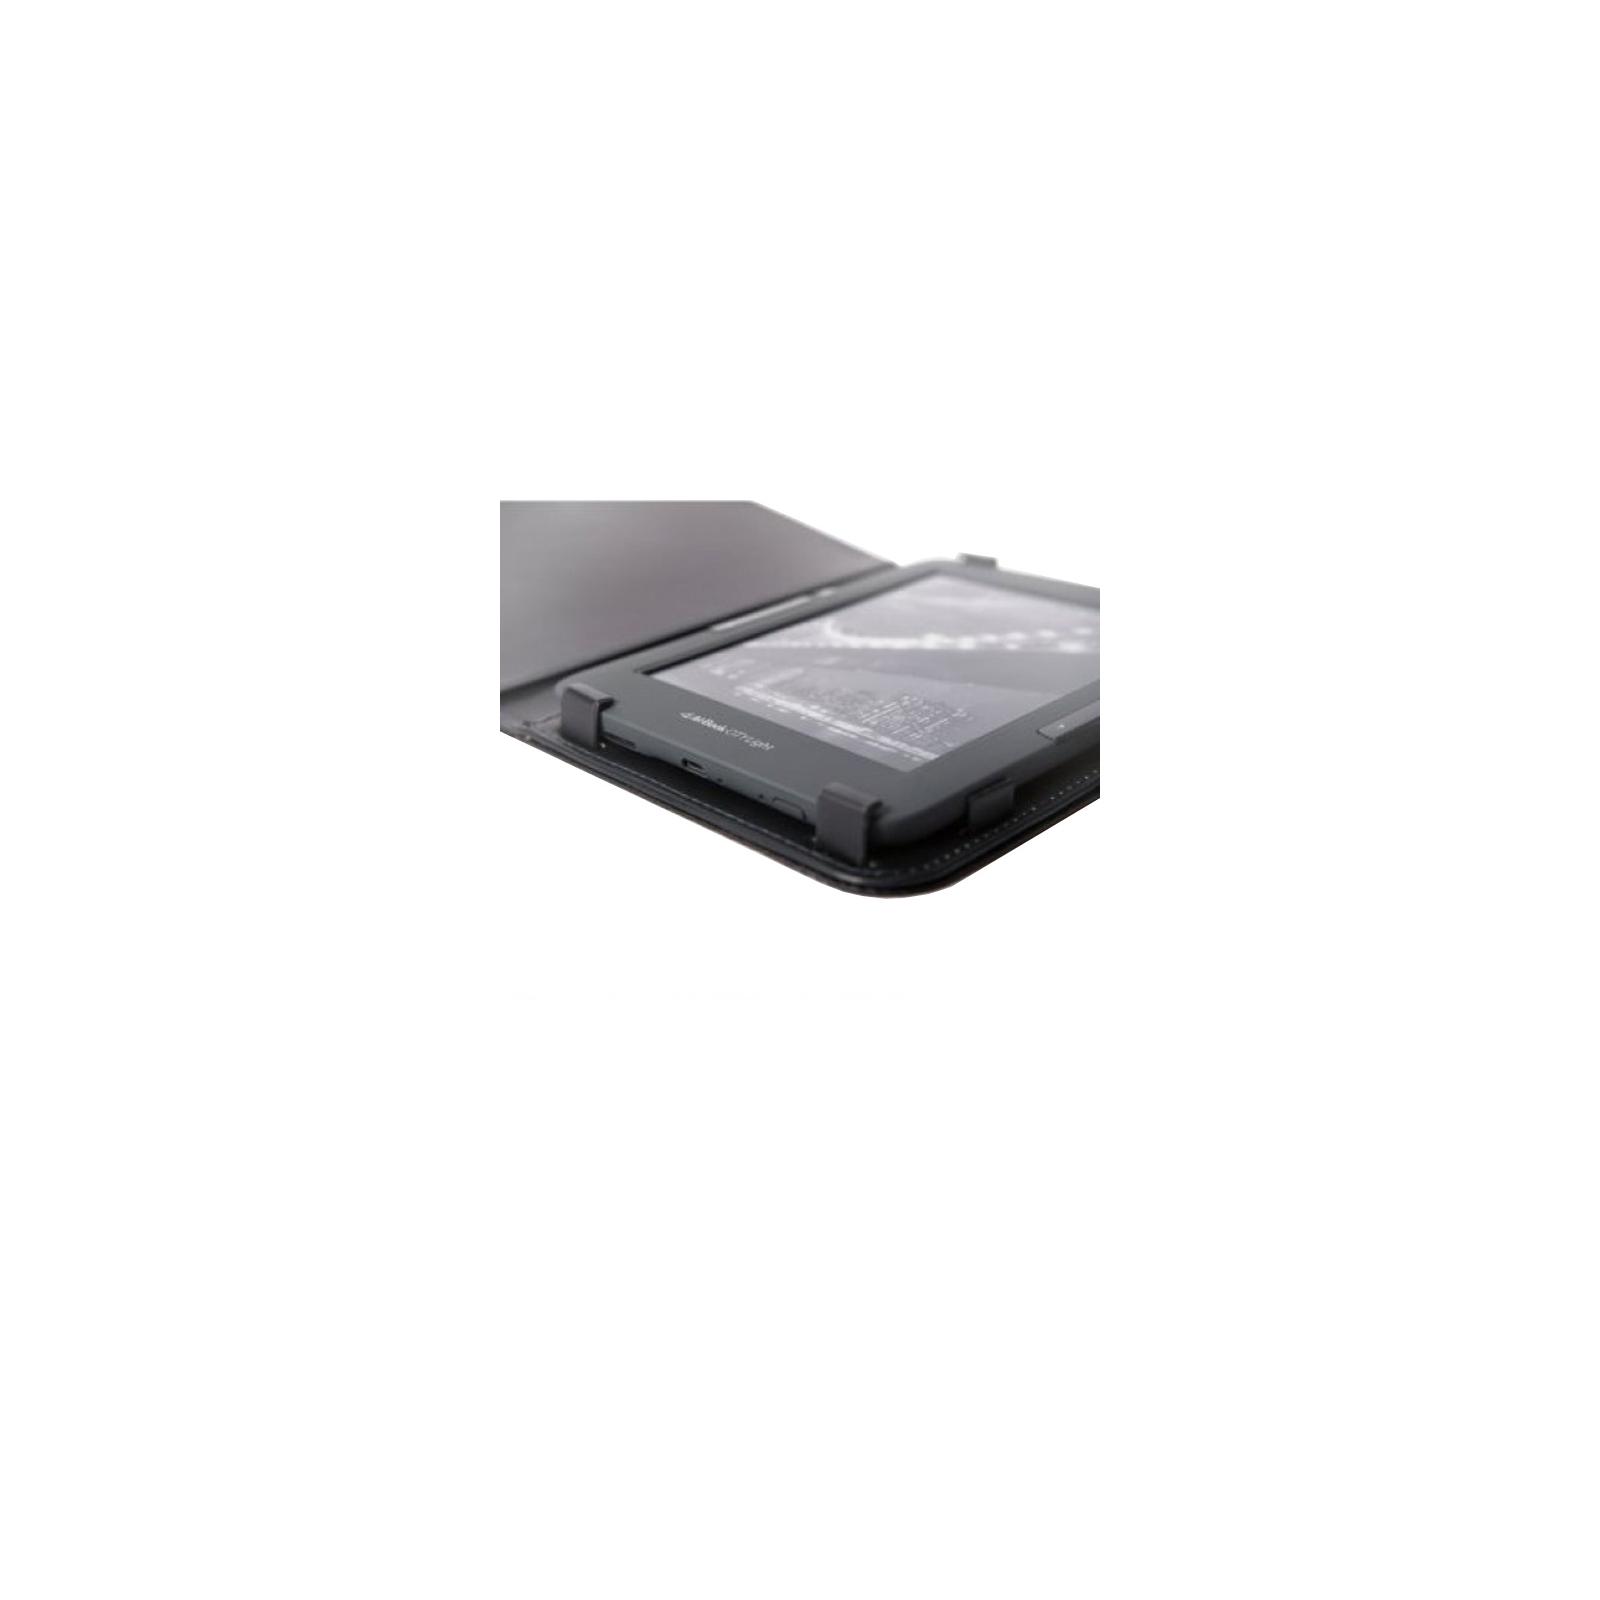 Чехол для электронной книги AirOn для AirBook City Light Touch (6946795850182) изображение 3